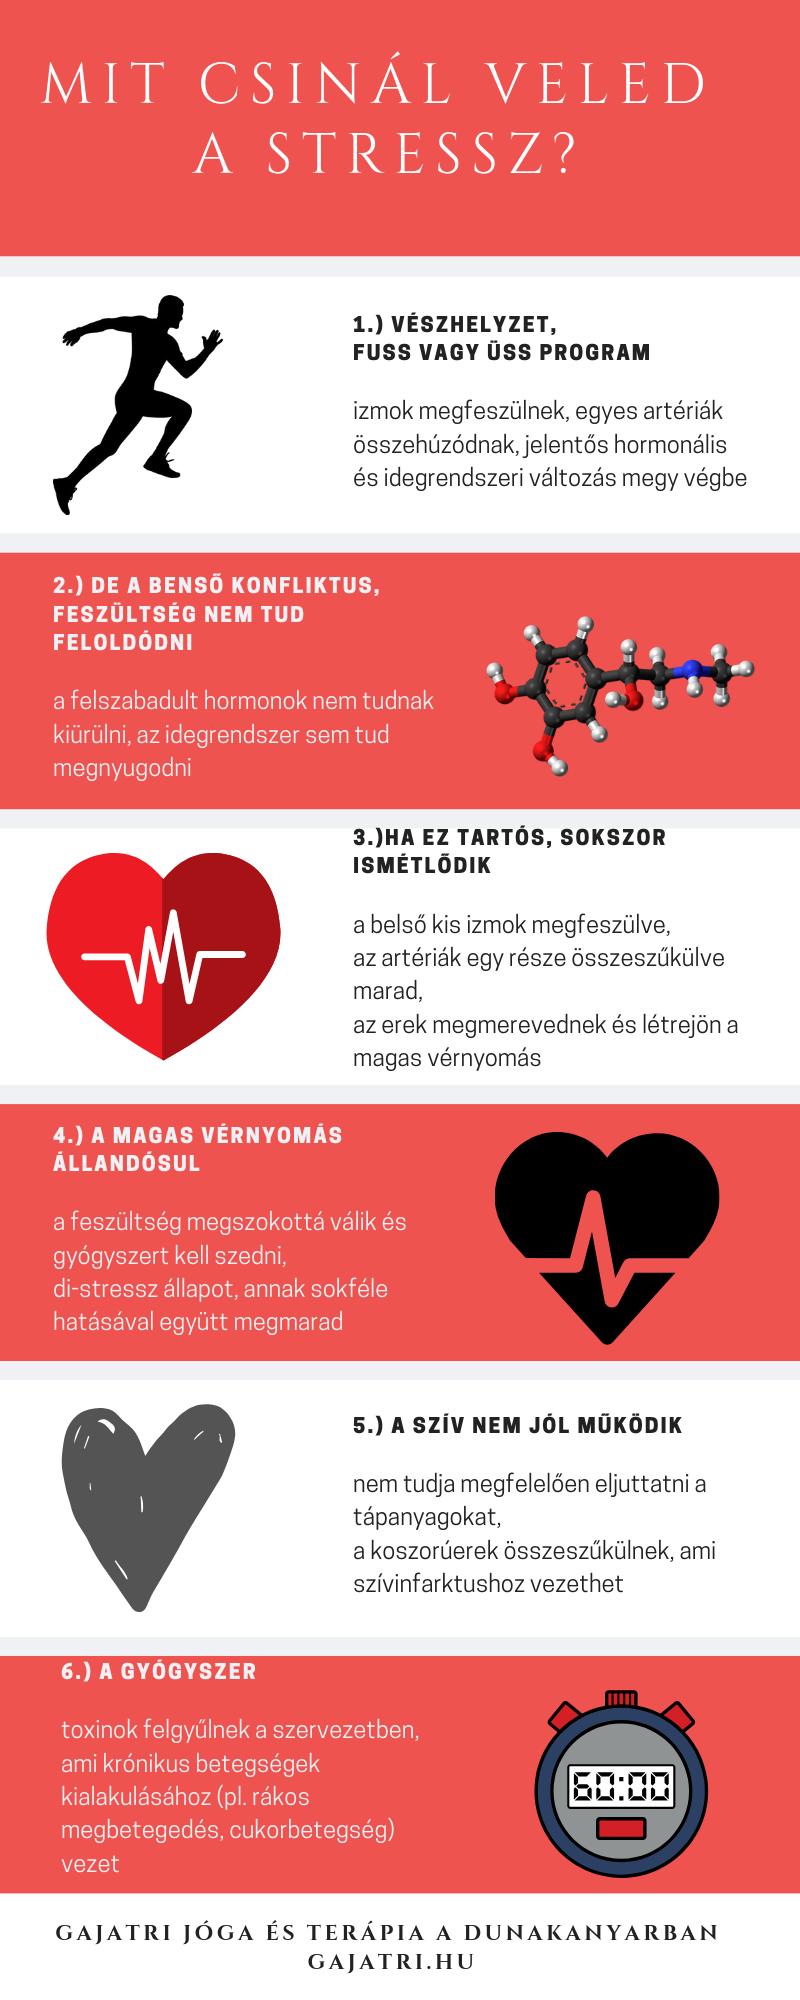 :: Hormonális eredetű magas vérnyomás - InforMed Orvosi és Életmód portál ::